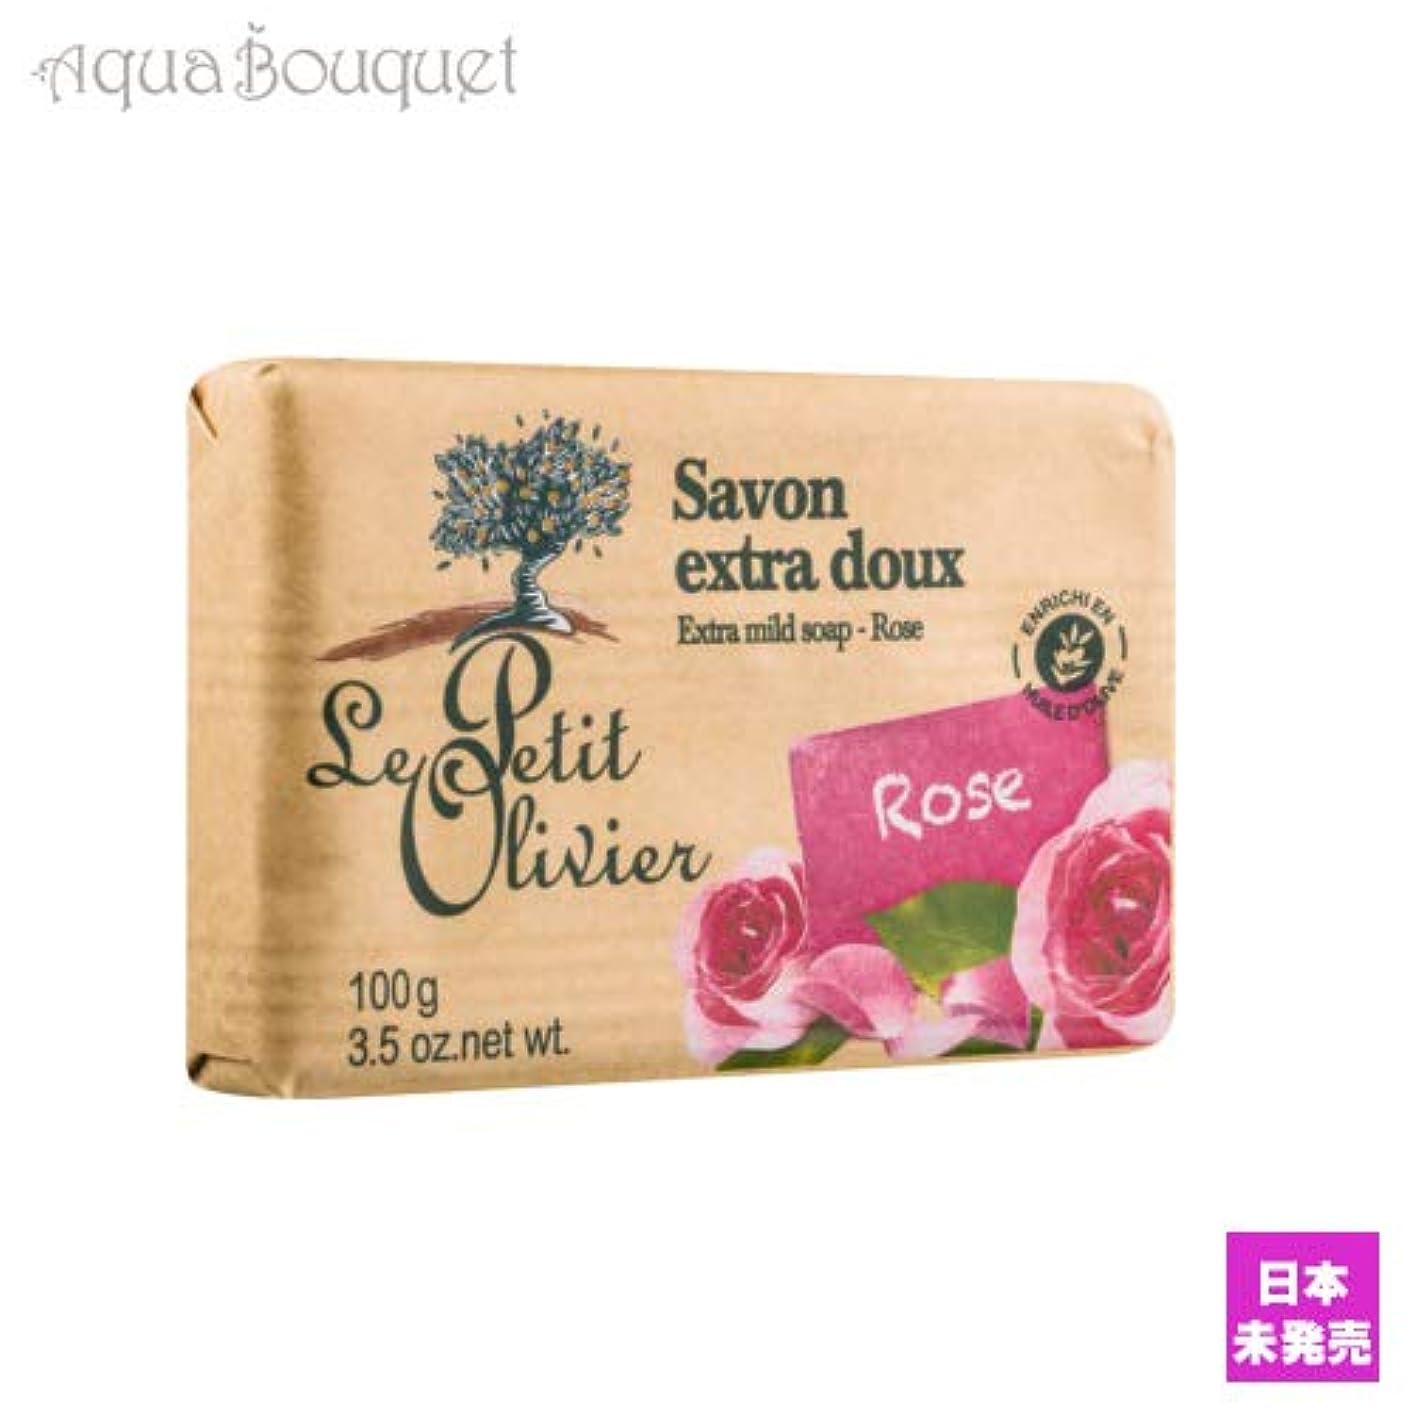 限定安らぎゲートウェイル プティ オリヴィエ ローズ ソープ 100g LE PETIT OLIVIER SOAP ROSE [5318] [並行輸入品]